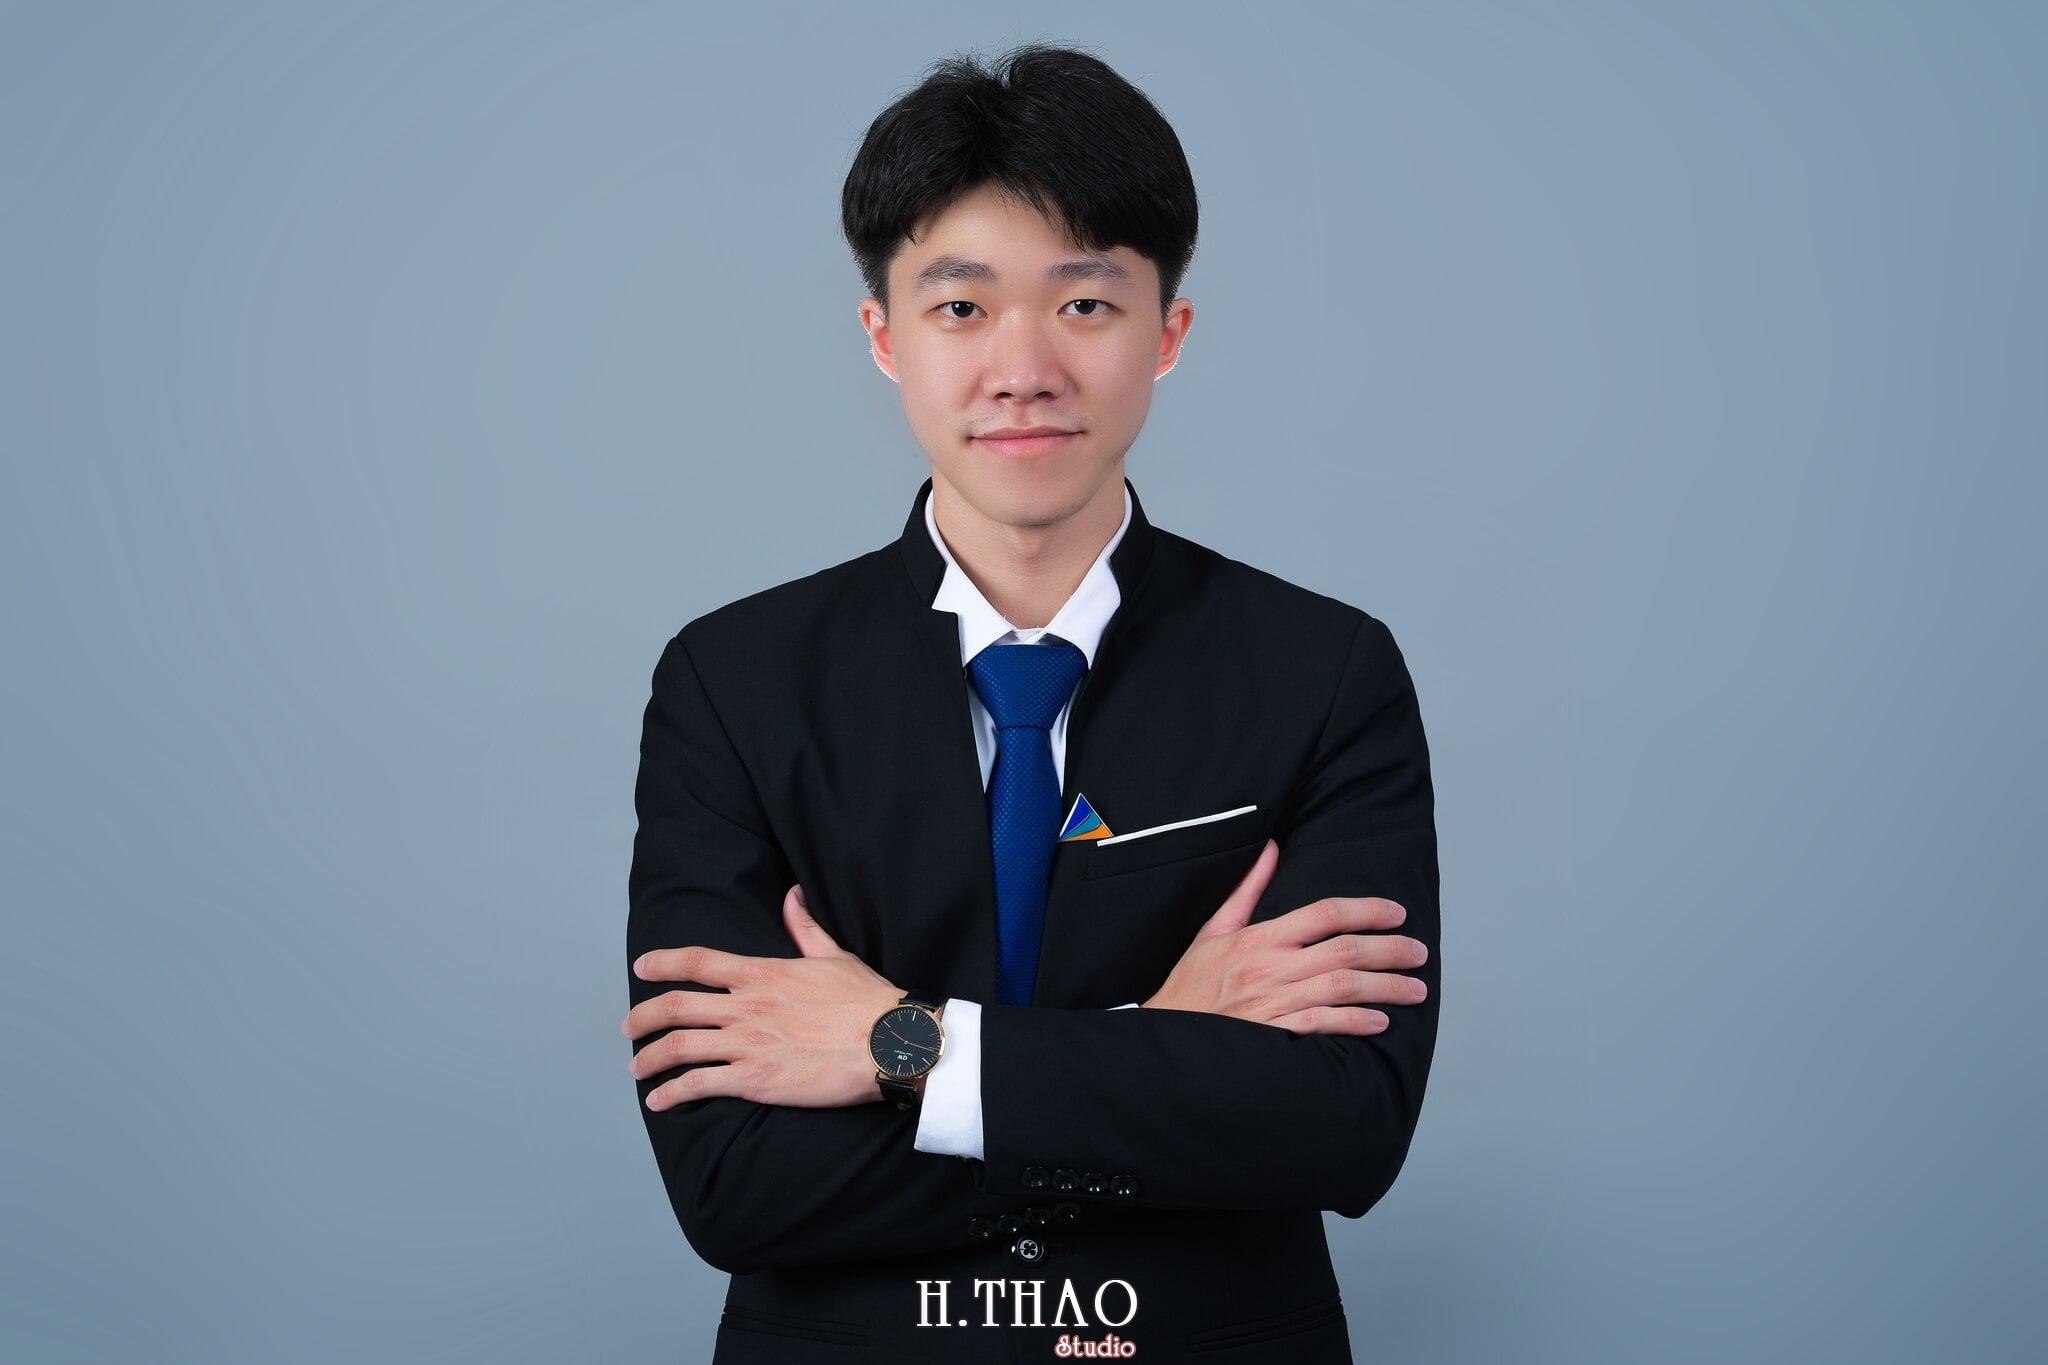 Thanh dat xanh 2 - Chụp ảnh profile nhân viên bất động sản Đất Xanh - HThao Studio